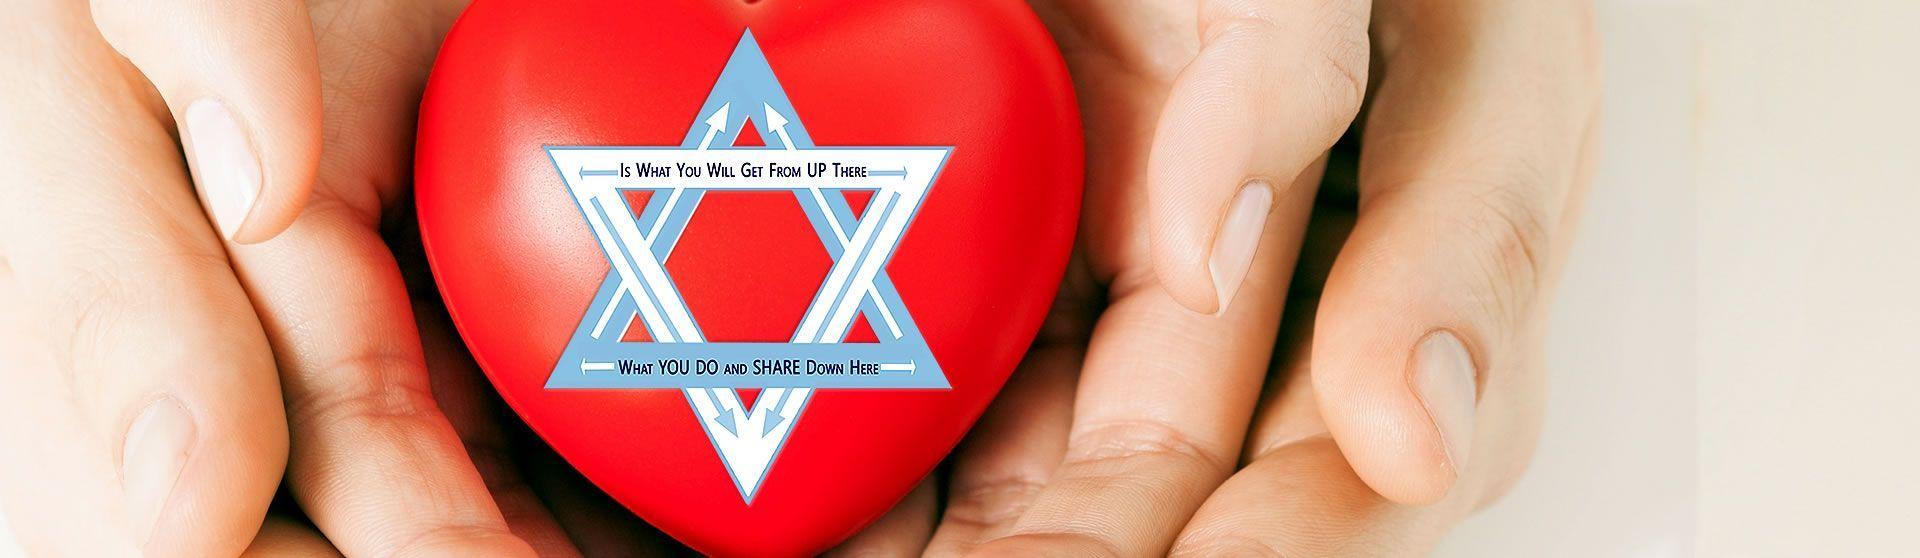 עזרה לישראל סיוע לקהילה היהודית בכל רחבי העולם!